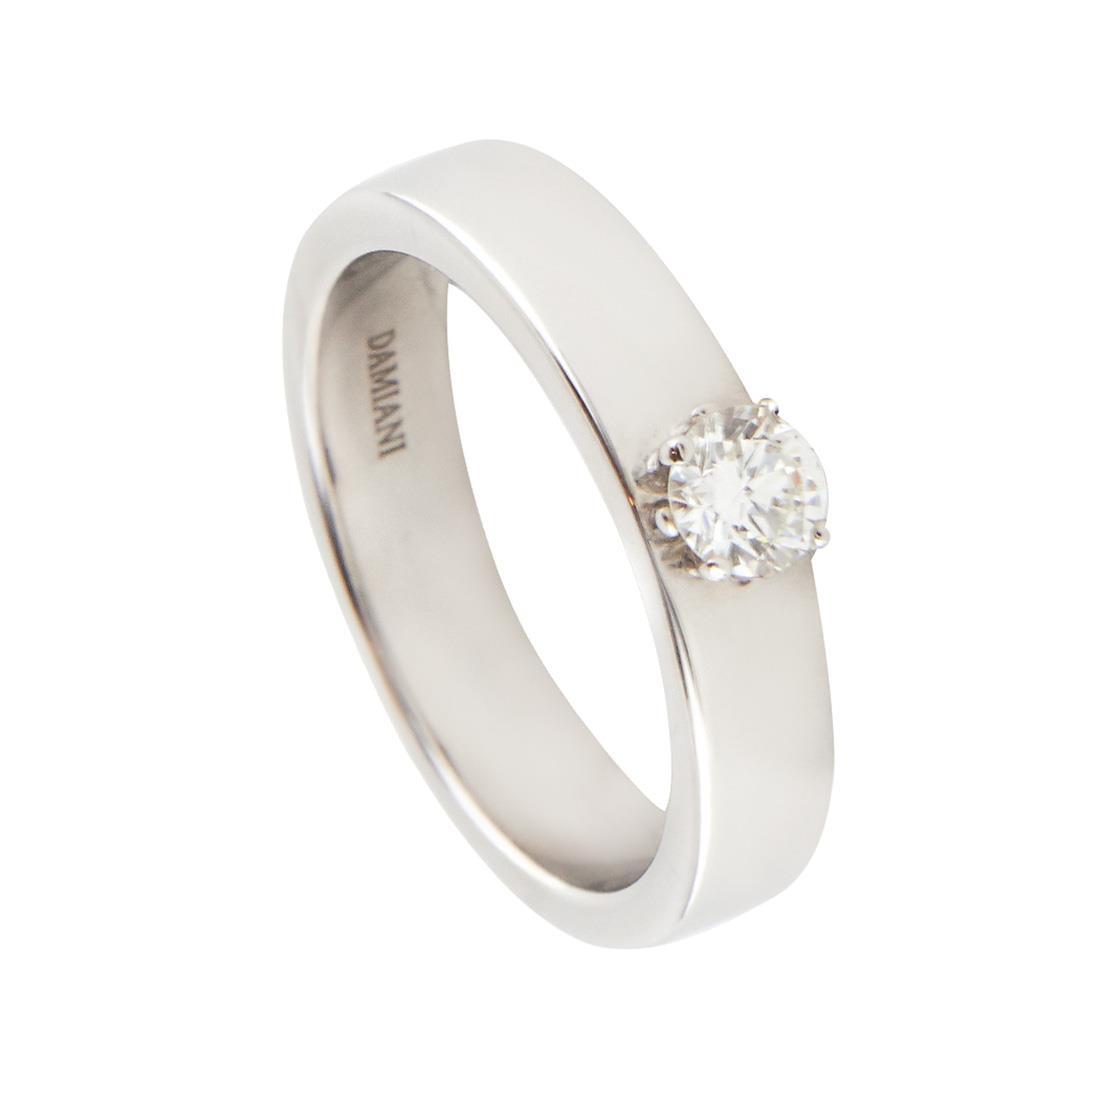 Anello in oro bianco con diamante ct 0.30 colore H, misura 15 - DAMIANI